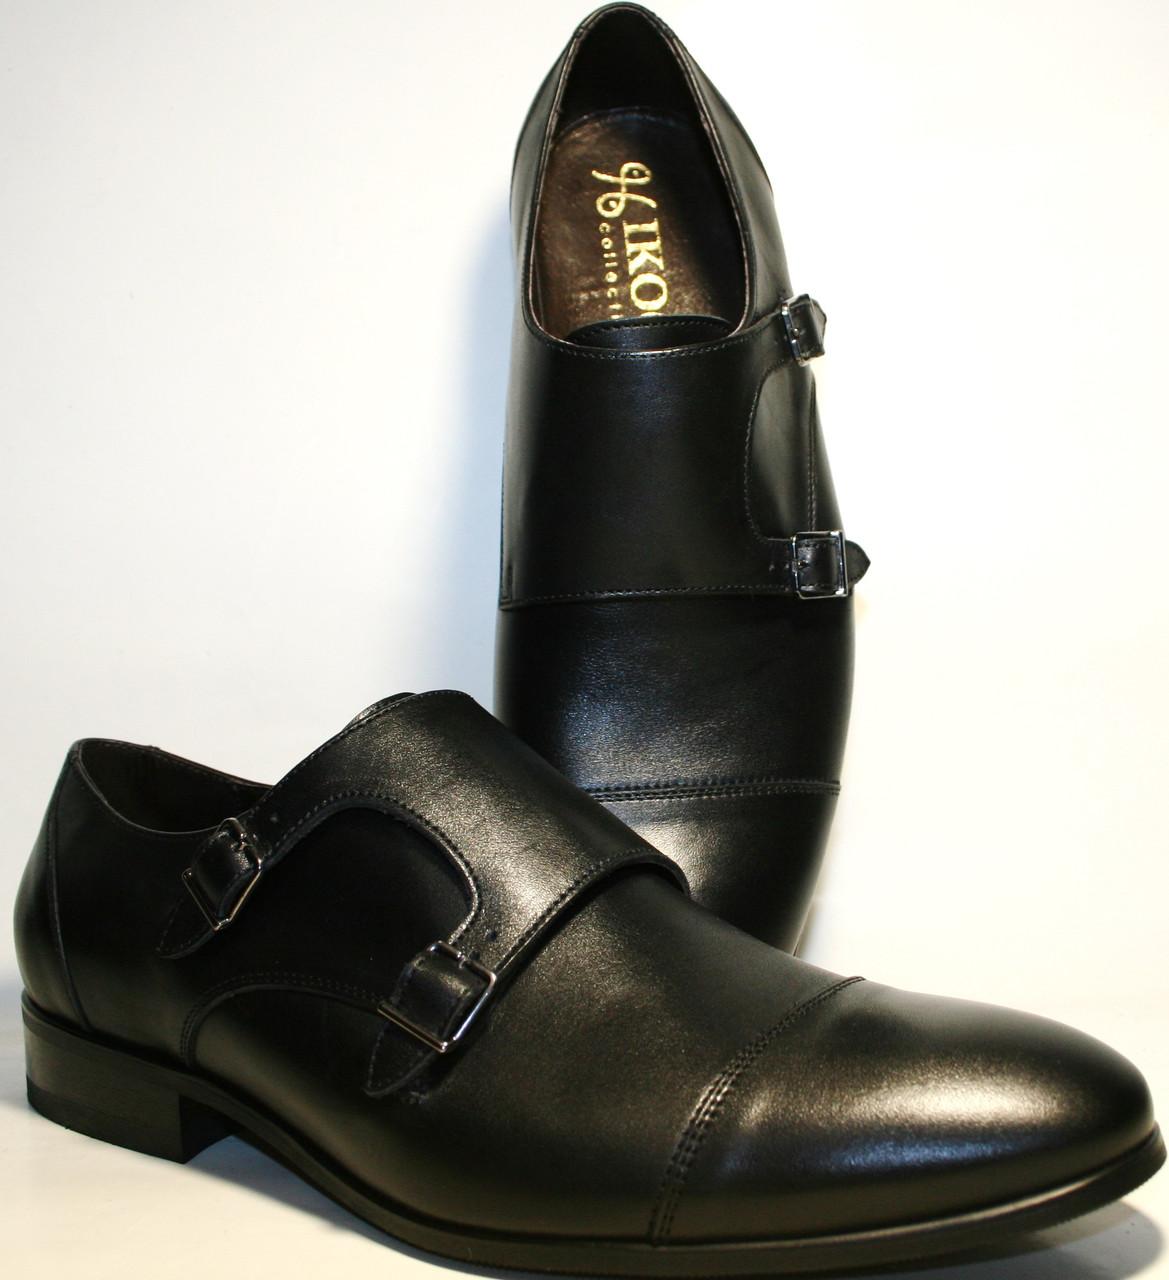 dbee280b1 Как подобрать туфли к костюму советы мужчине.